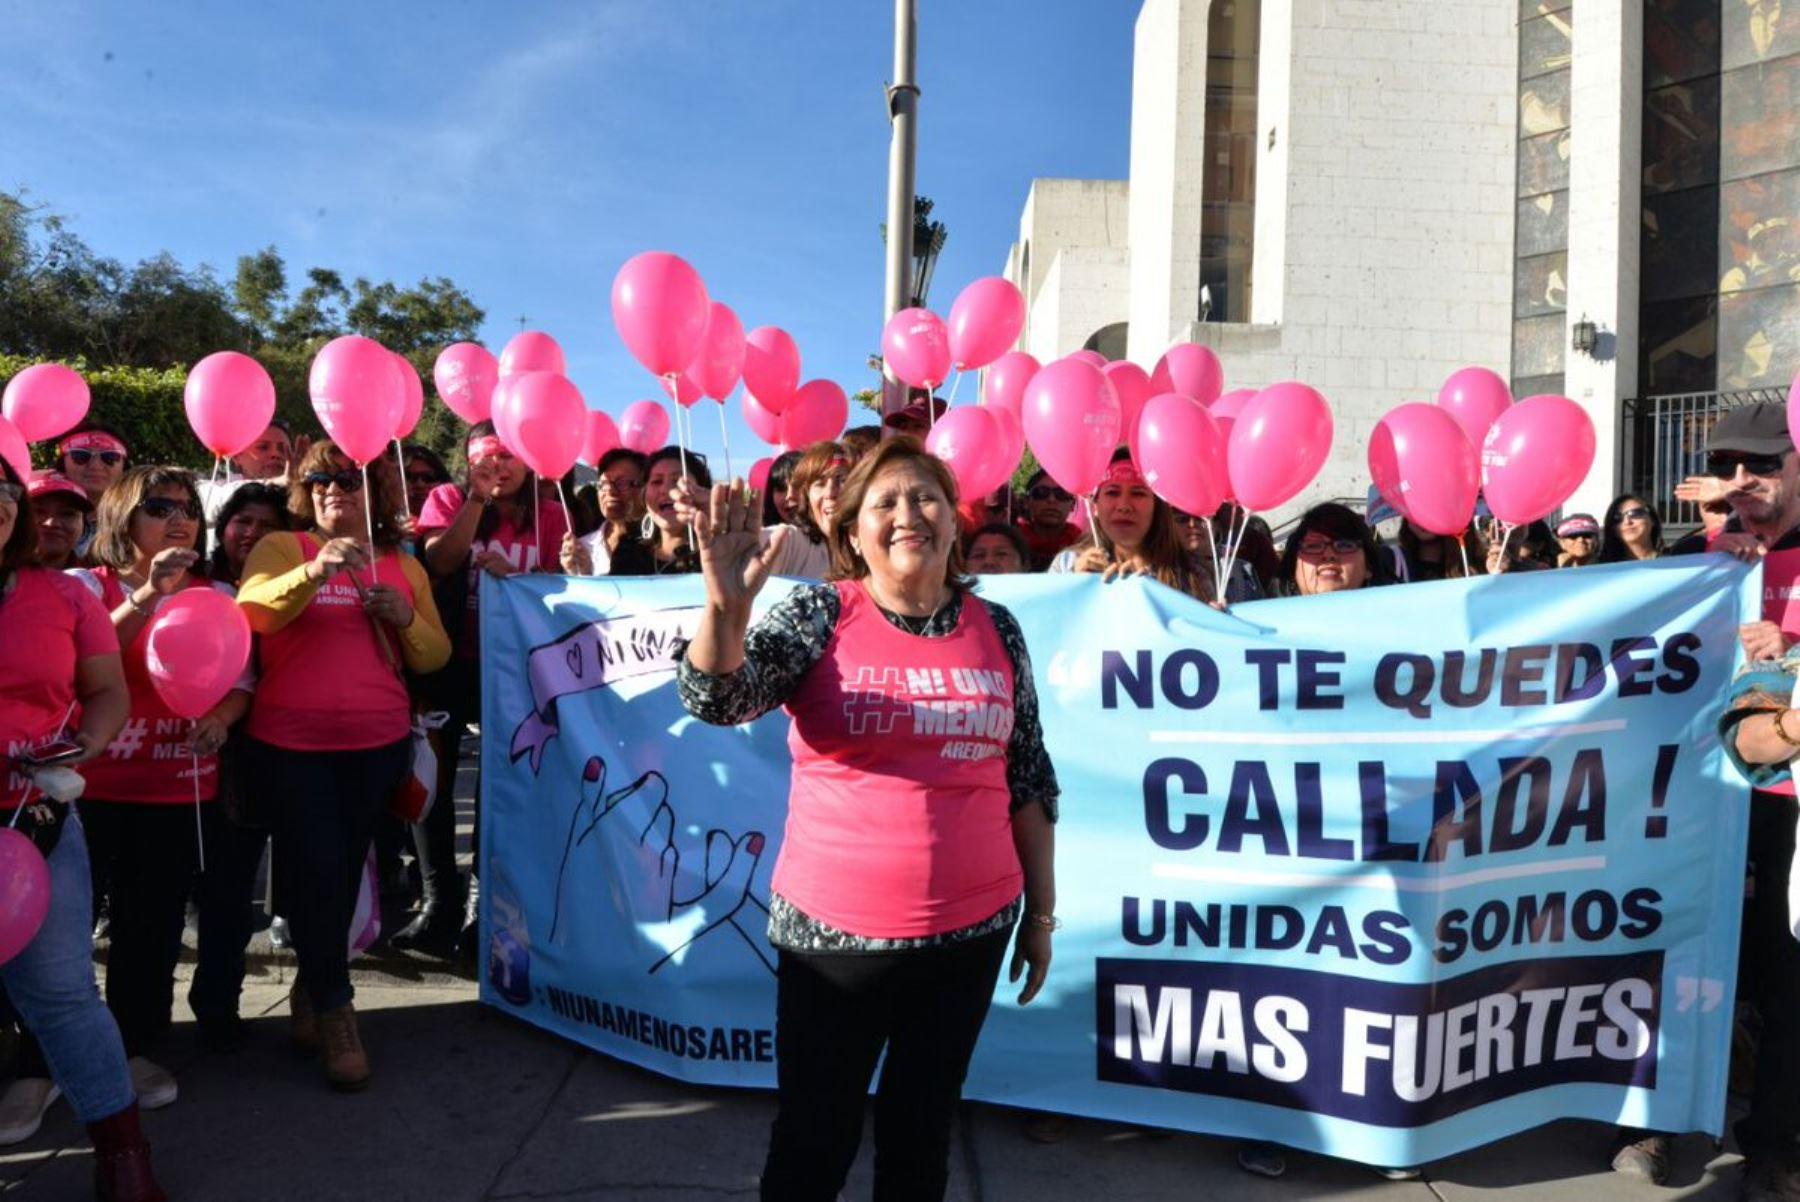 Ministra de la Mujer, Ana María Choquehuanca, participó en la marcha Ni una menos.